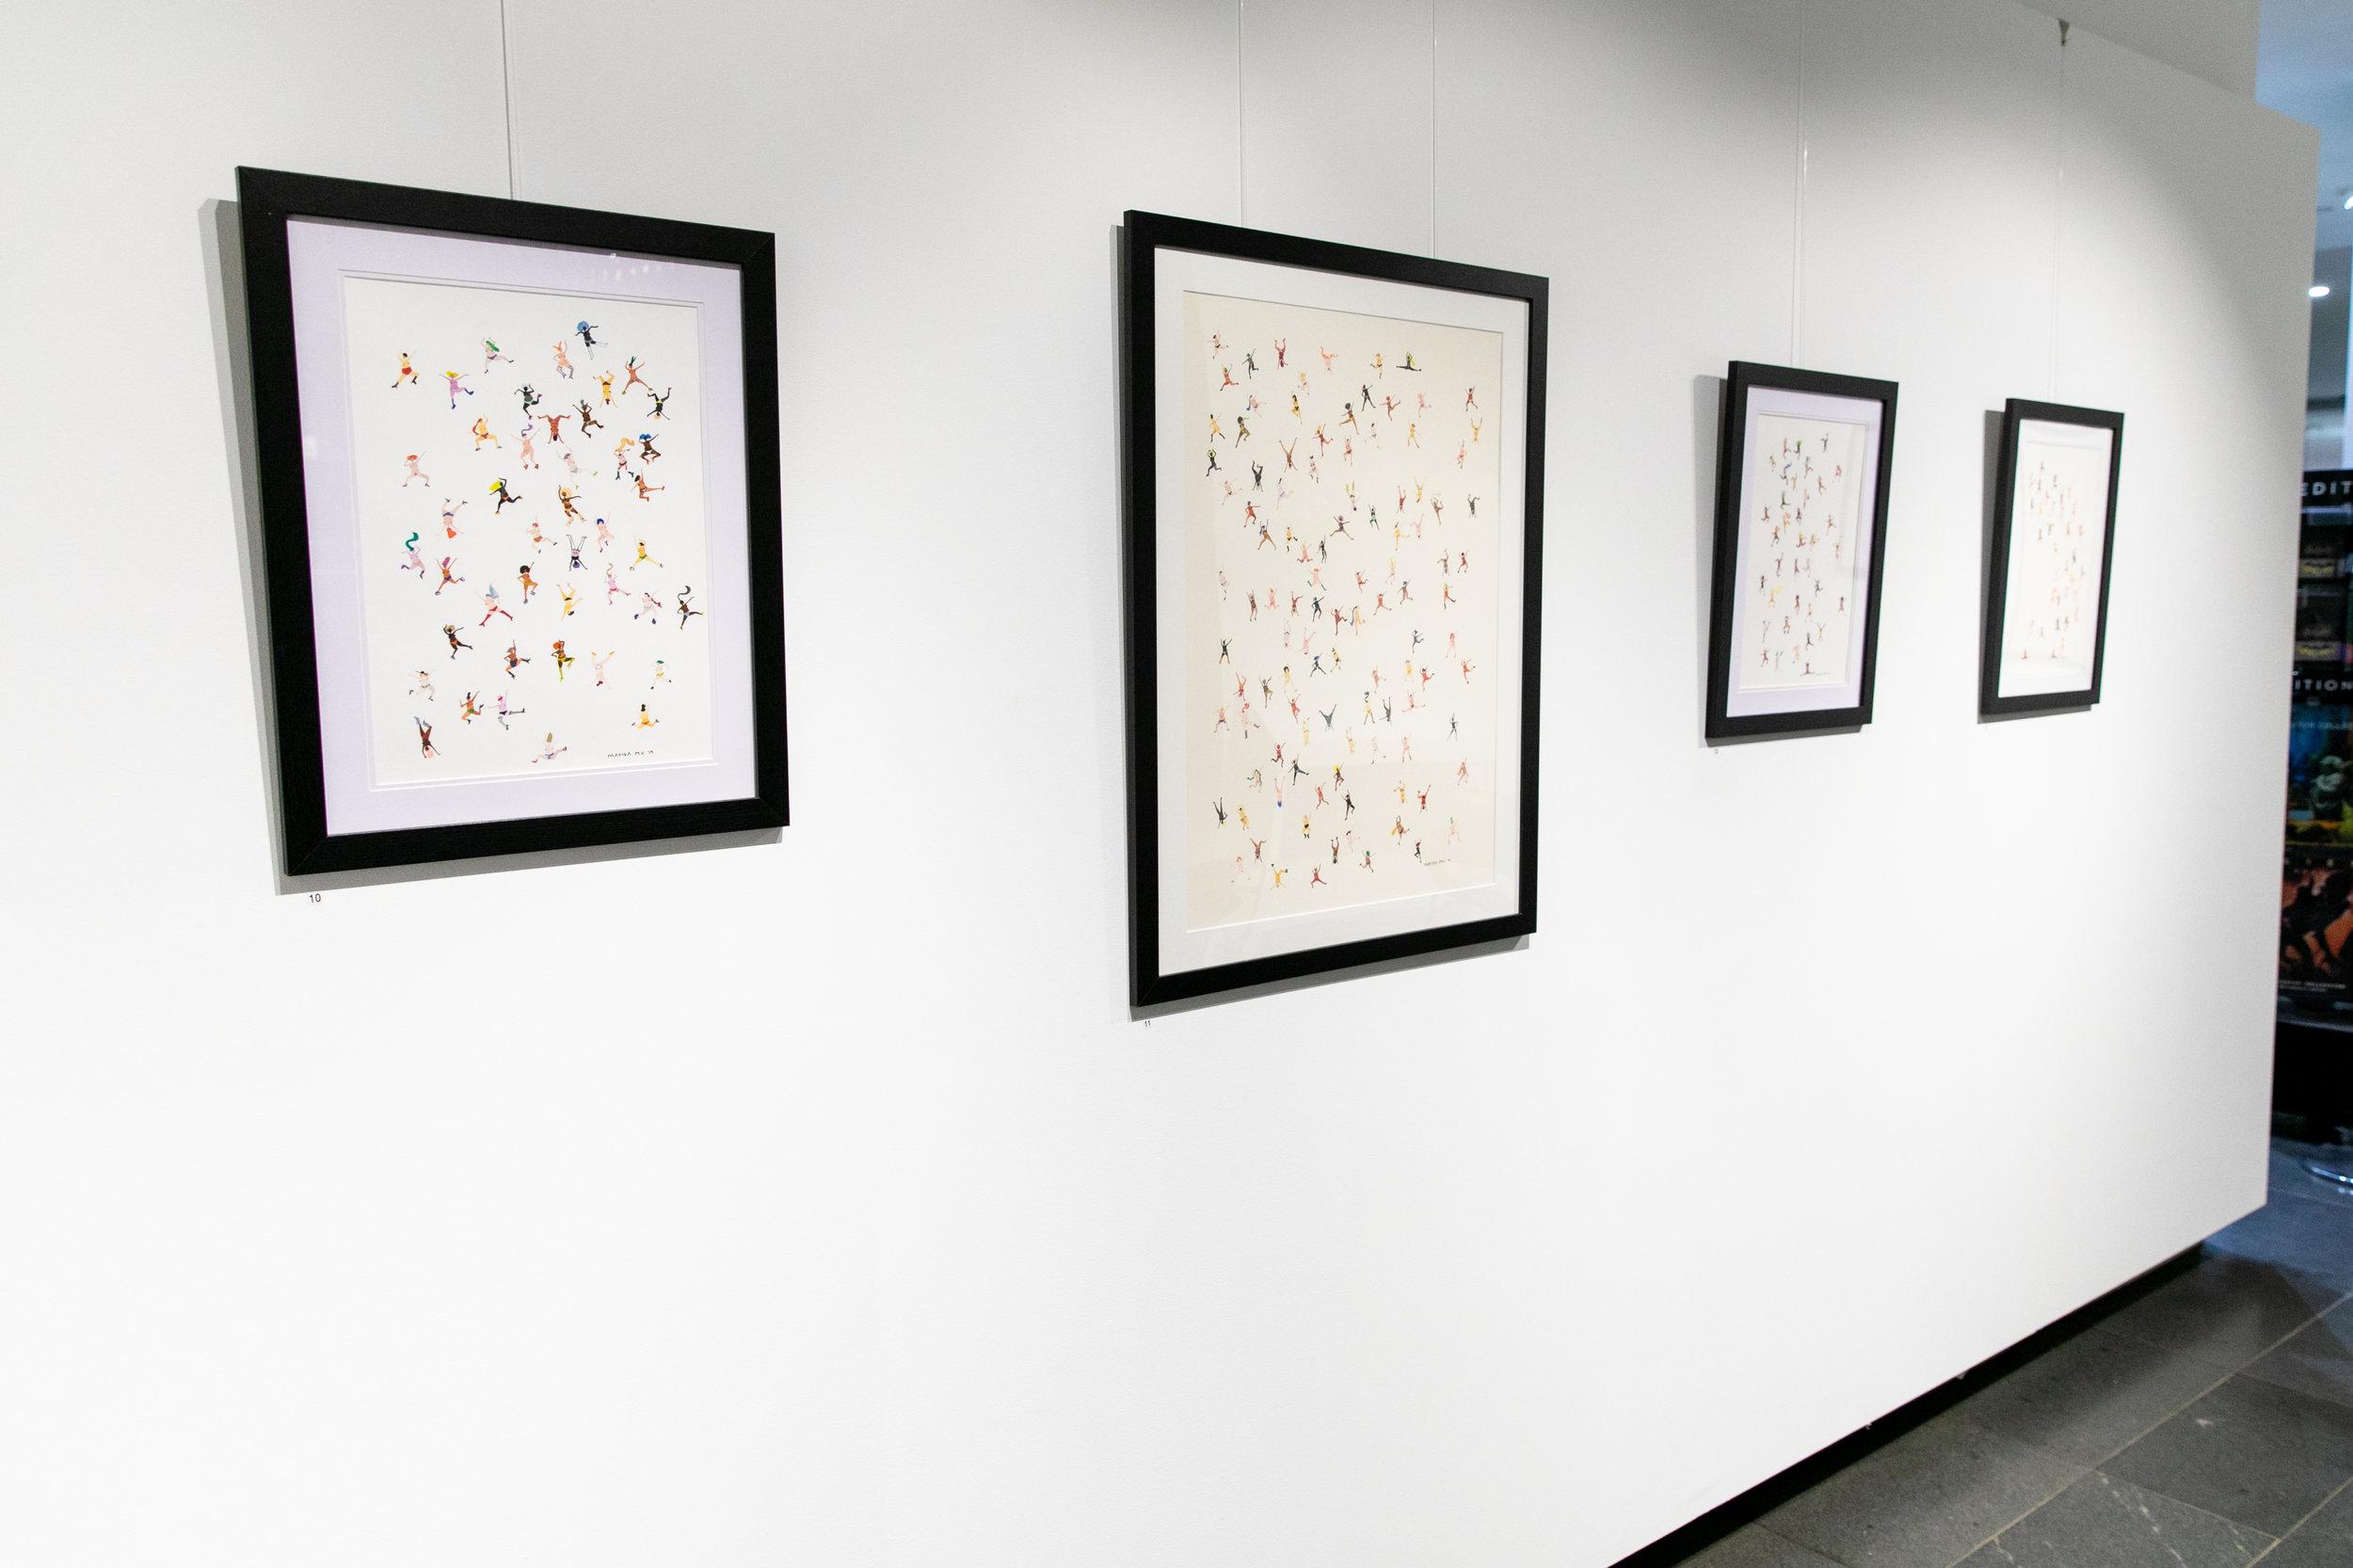 2019_Marisa_wedge_gallery (123 of 135).jpg